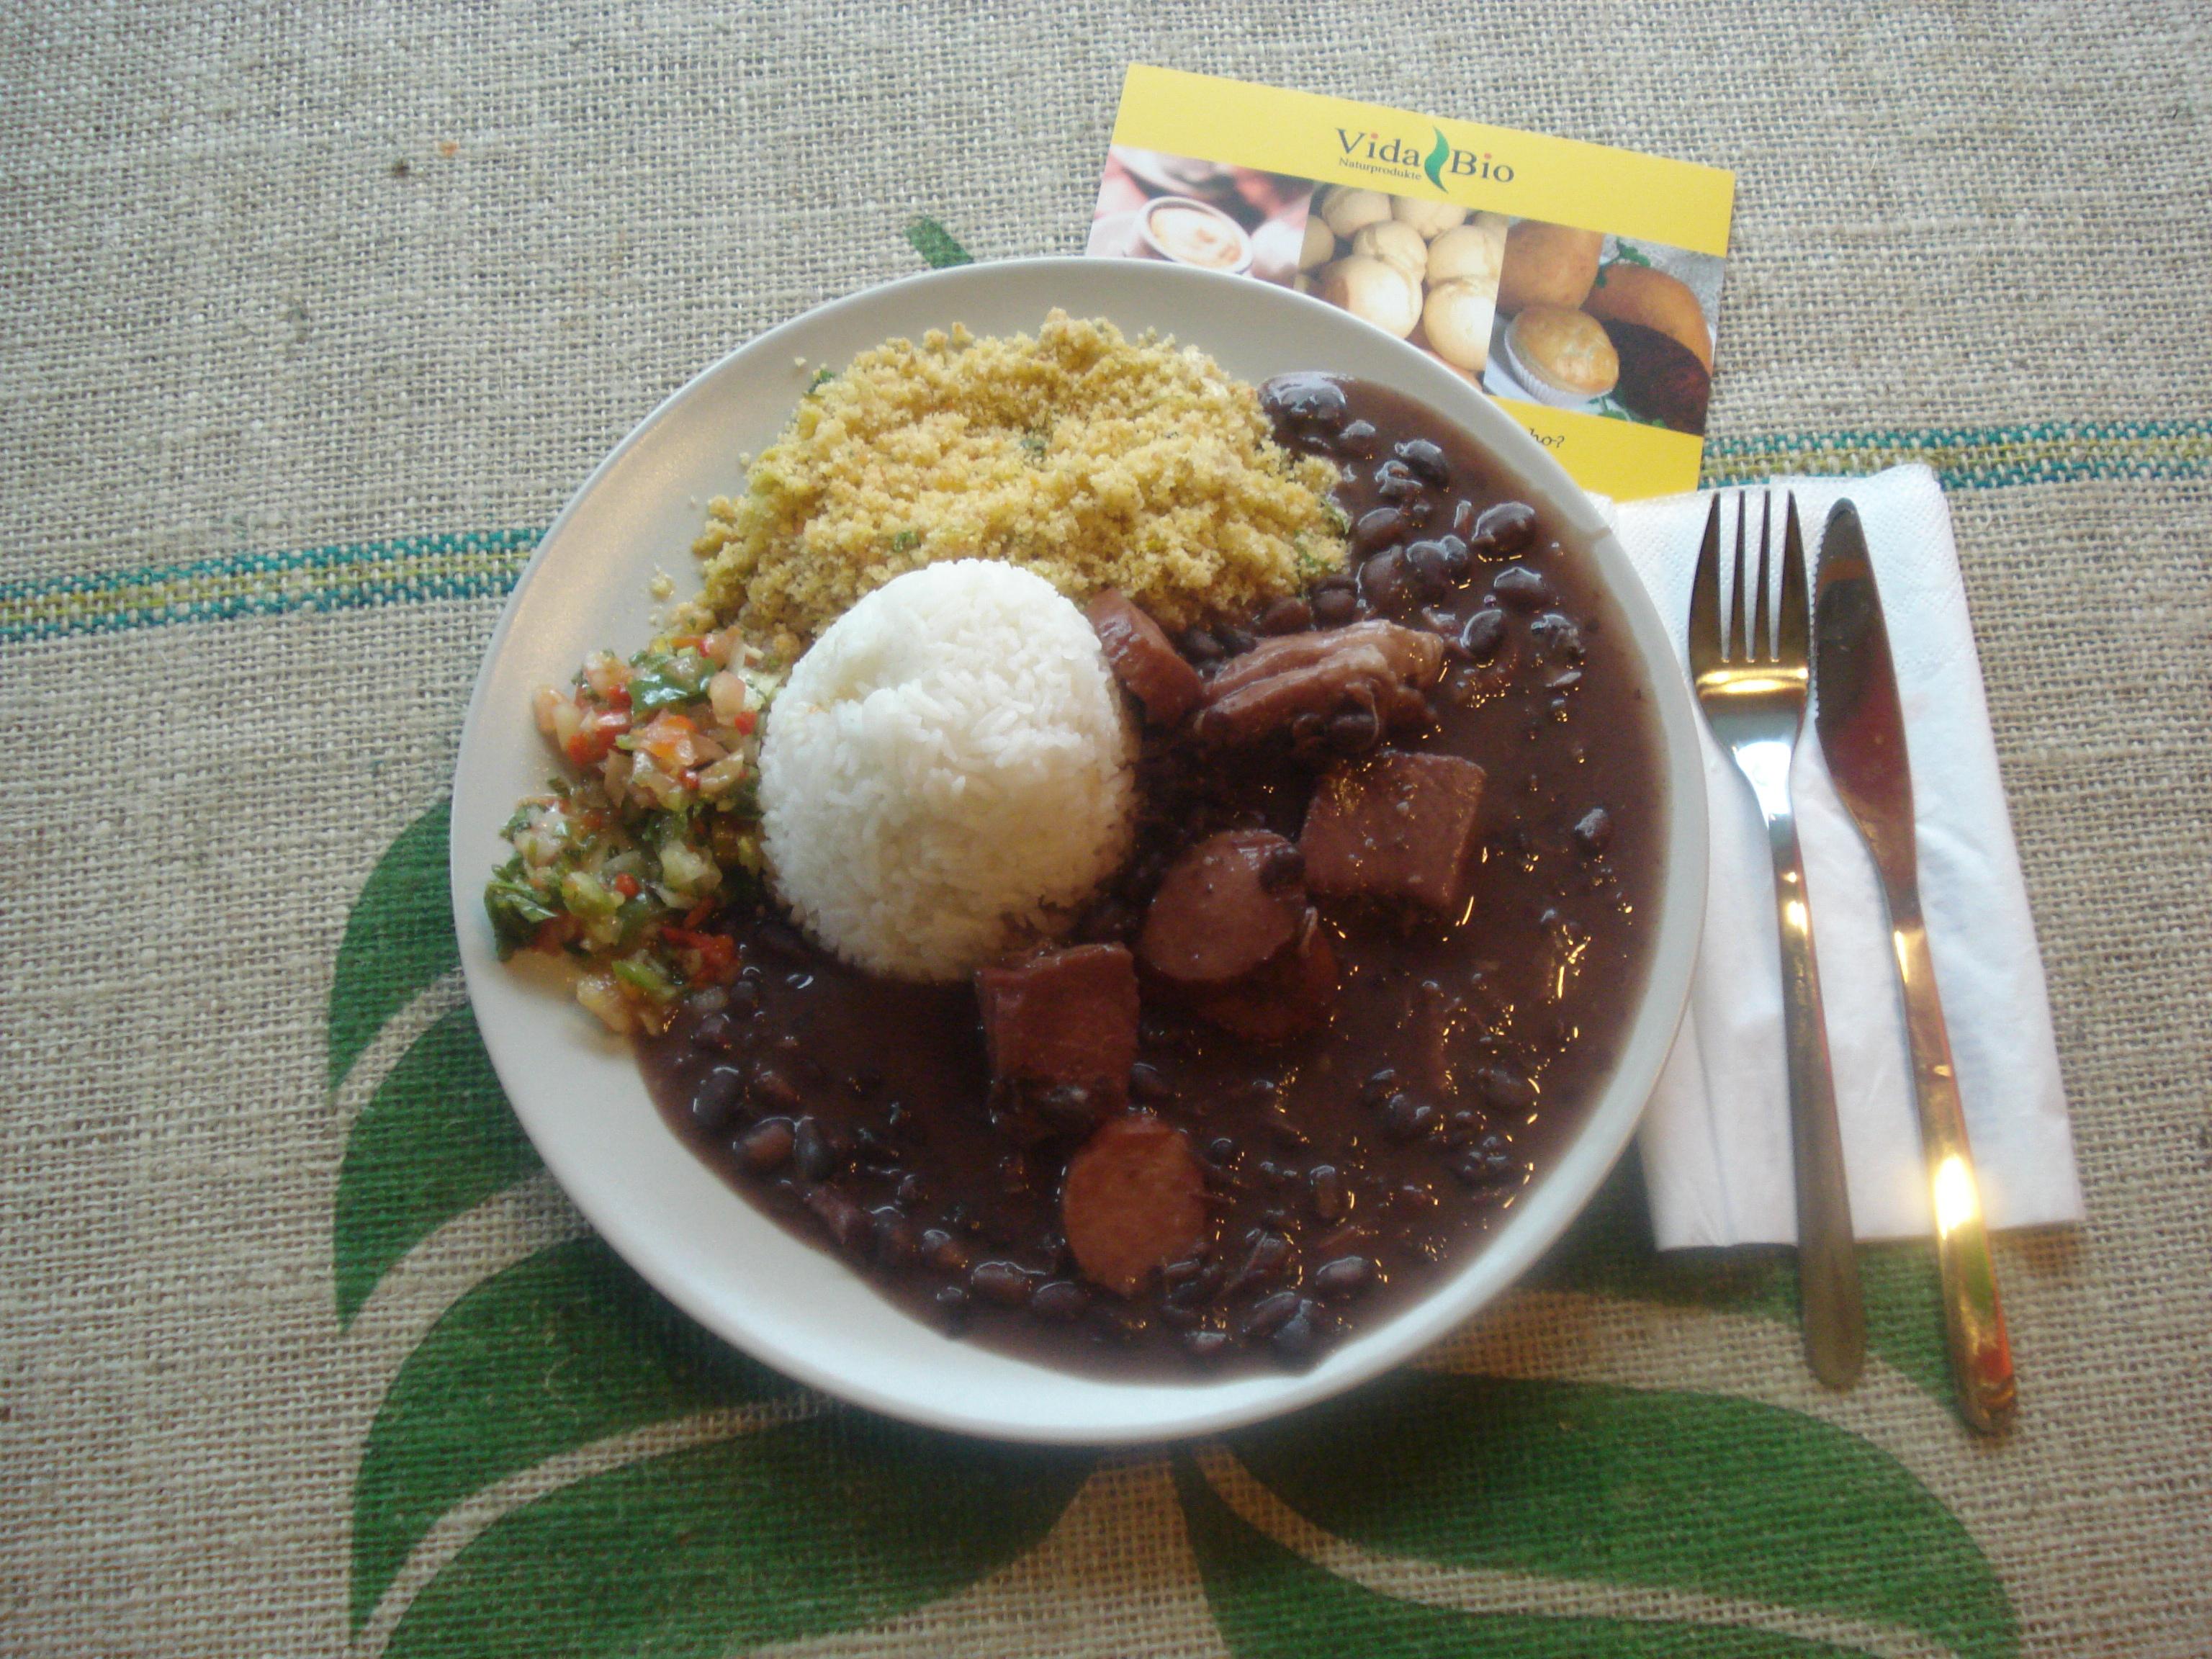 Feijoada Carioca by Nívea